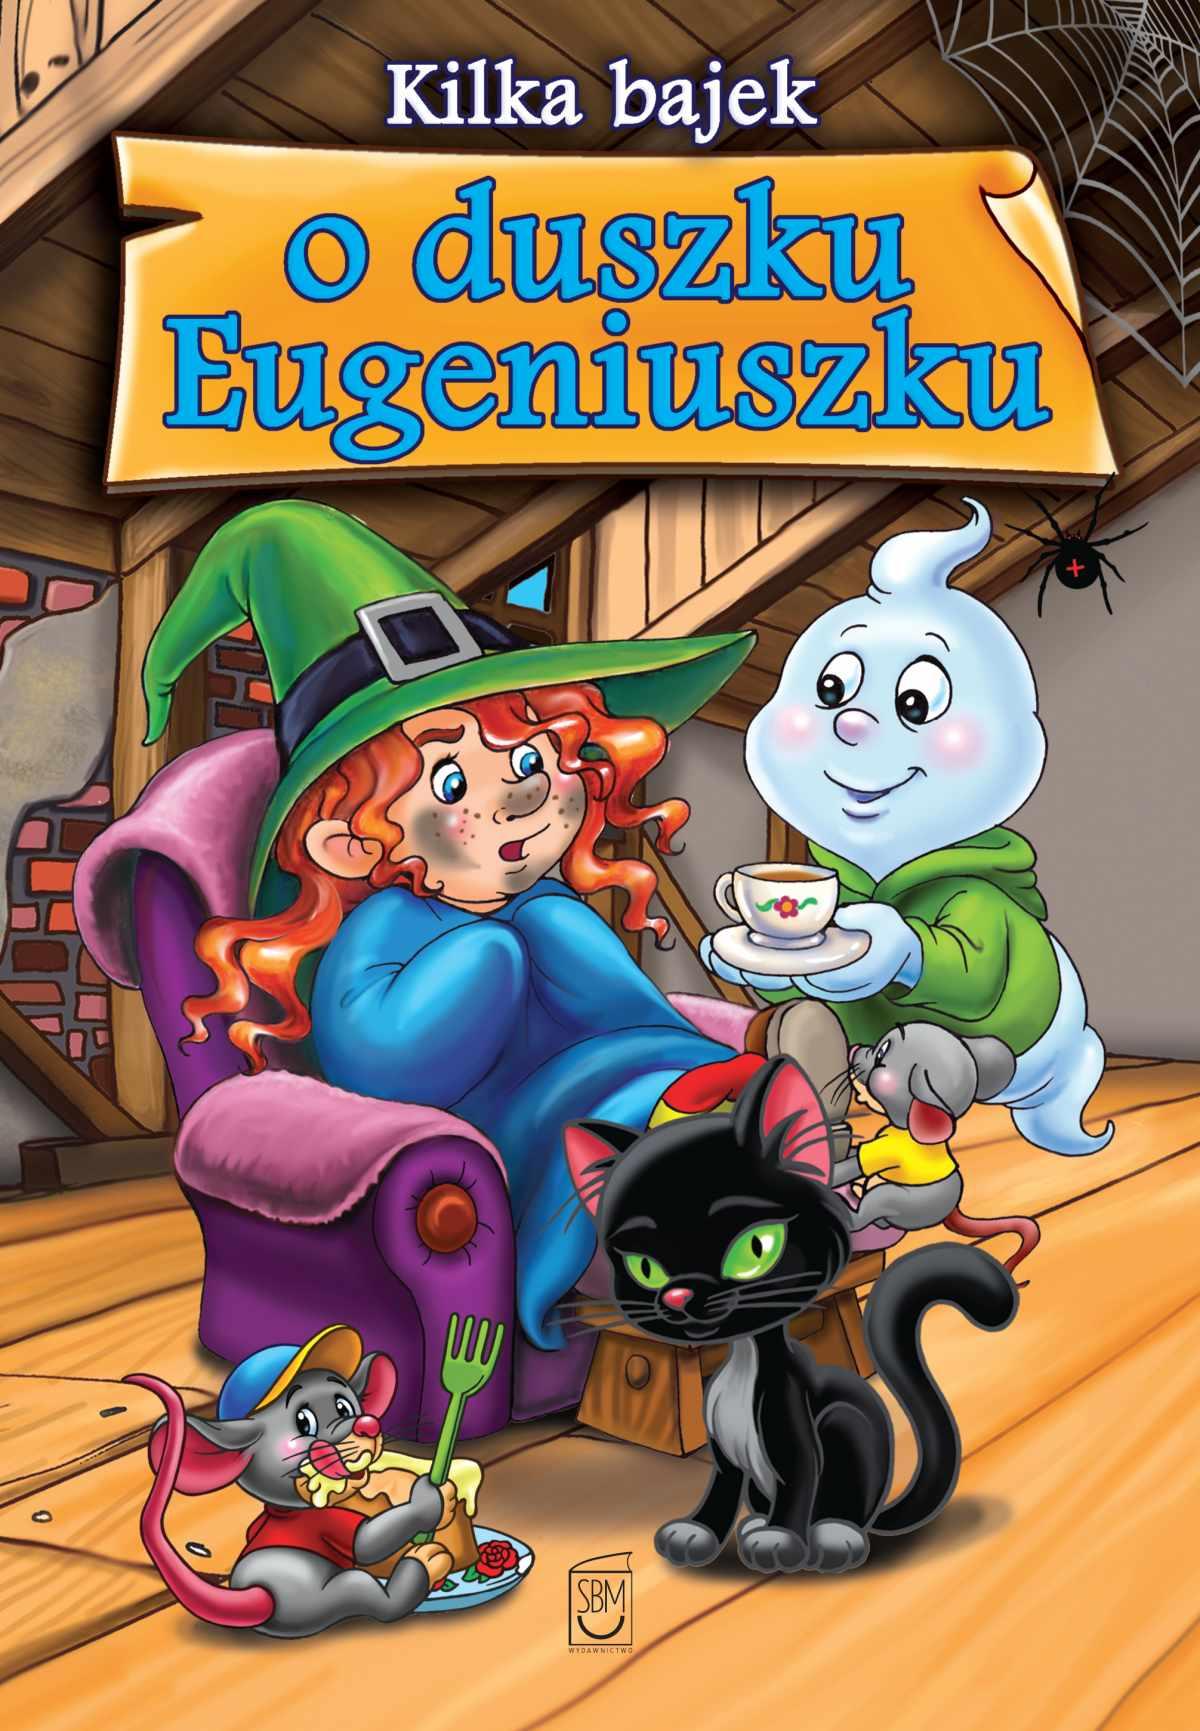 Kilka bajek o duszku Eugeniuszku - Ebook (Książka EPUB) do pobrania w formacie EPUB